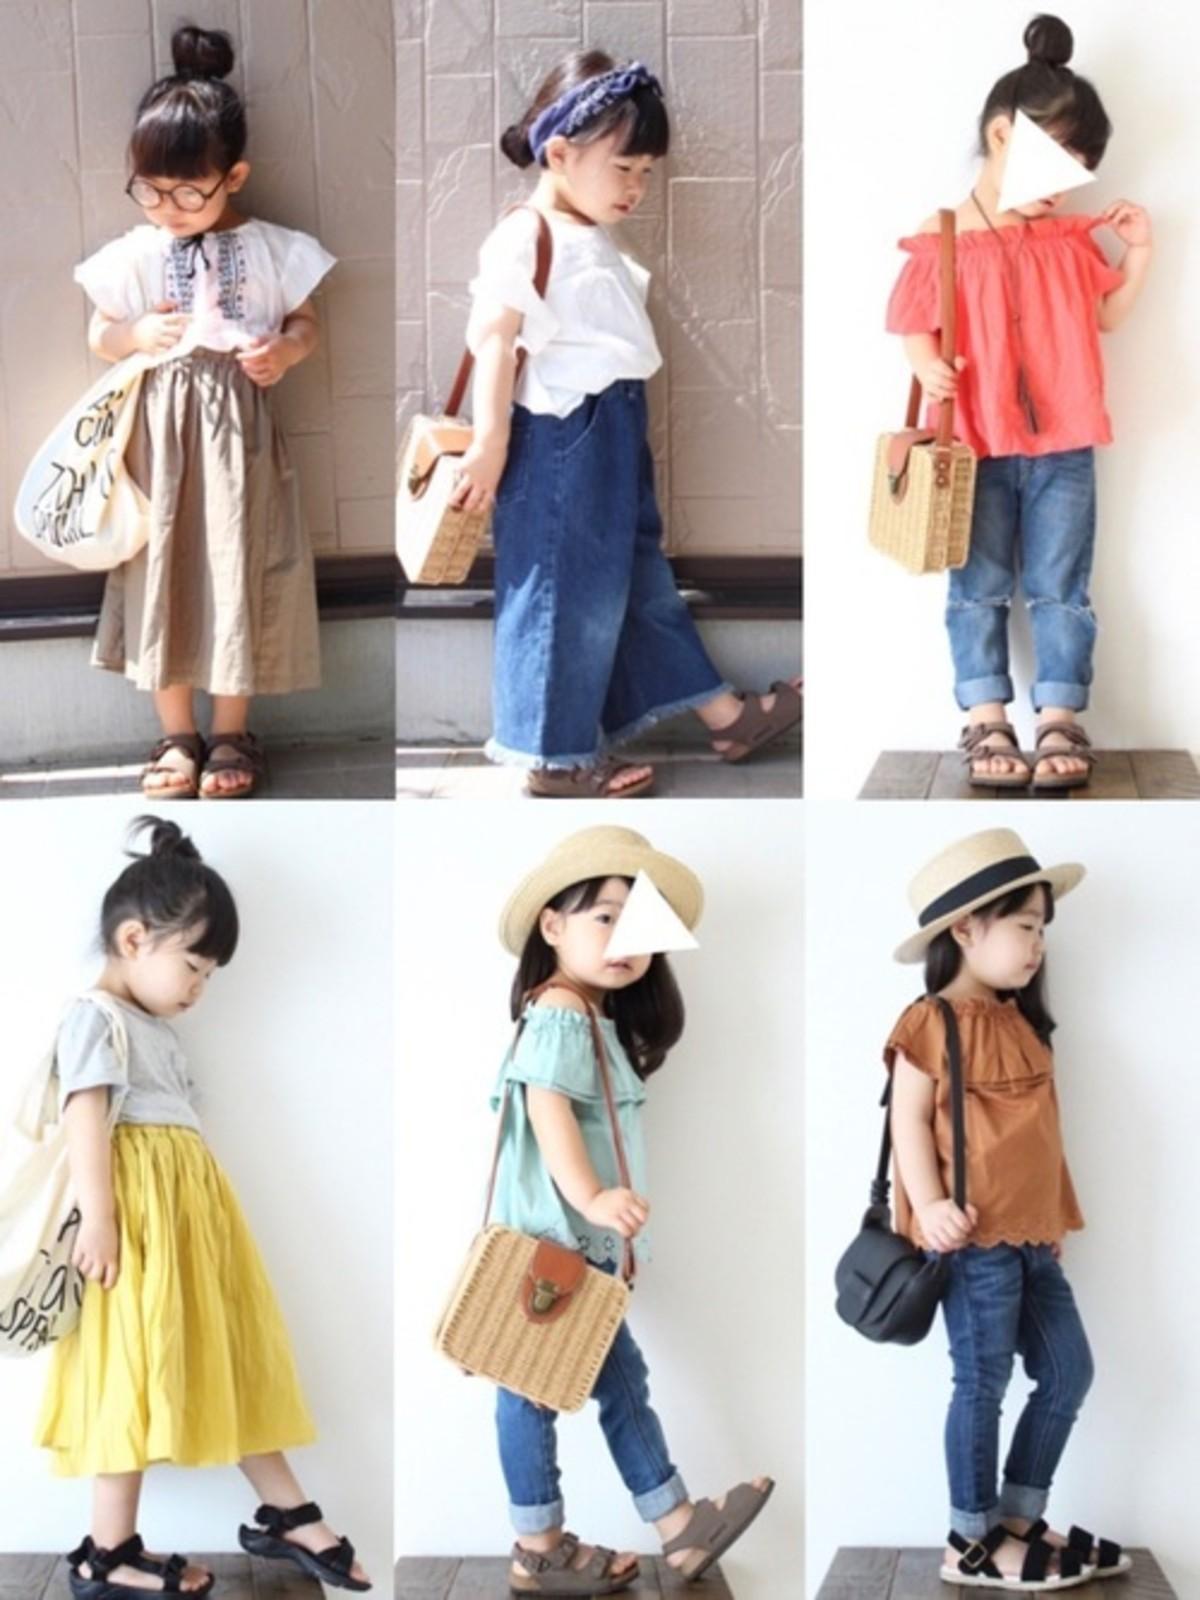 可愛すぎる3歳児ファッションリーダー!teiccoちゃんのコーデをご紹介